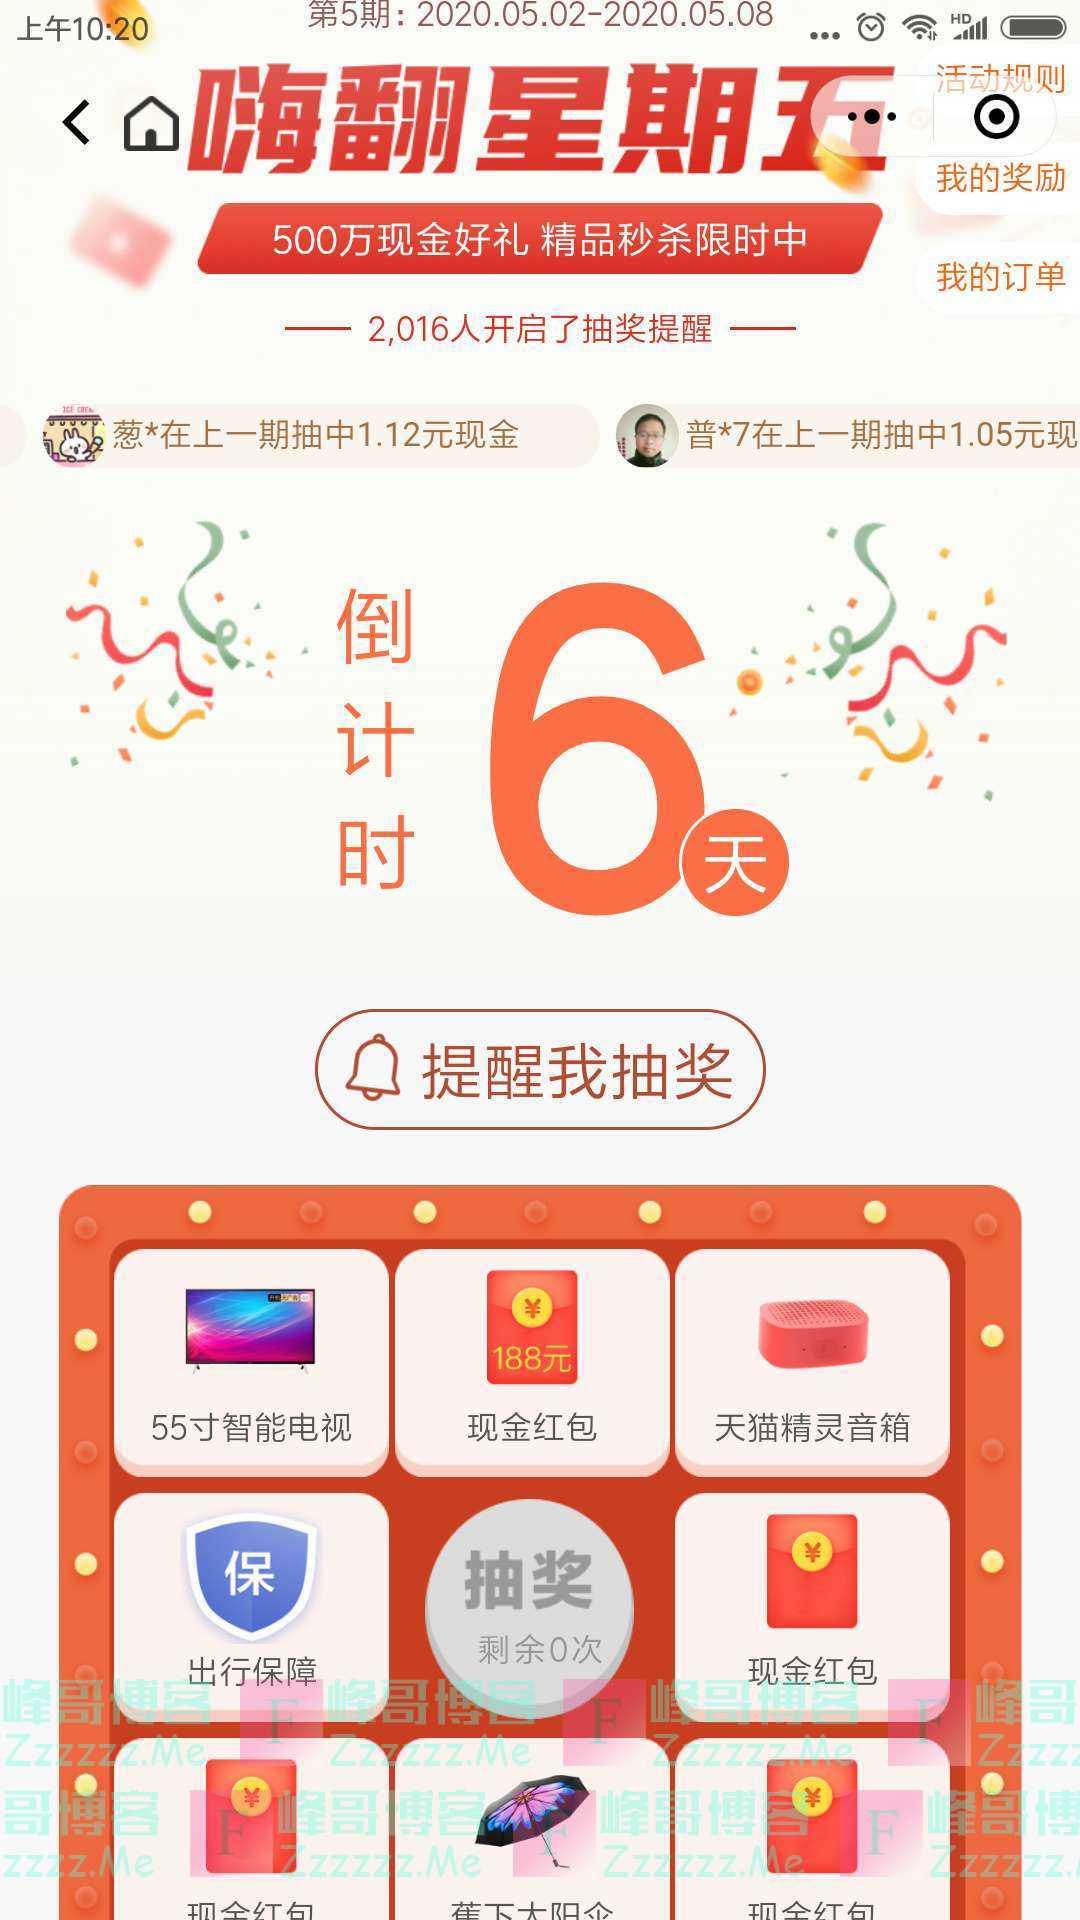 平安保险嗨翻星期五 送500万现金好礼(截止6月26日)